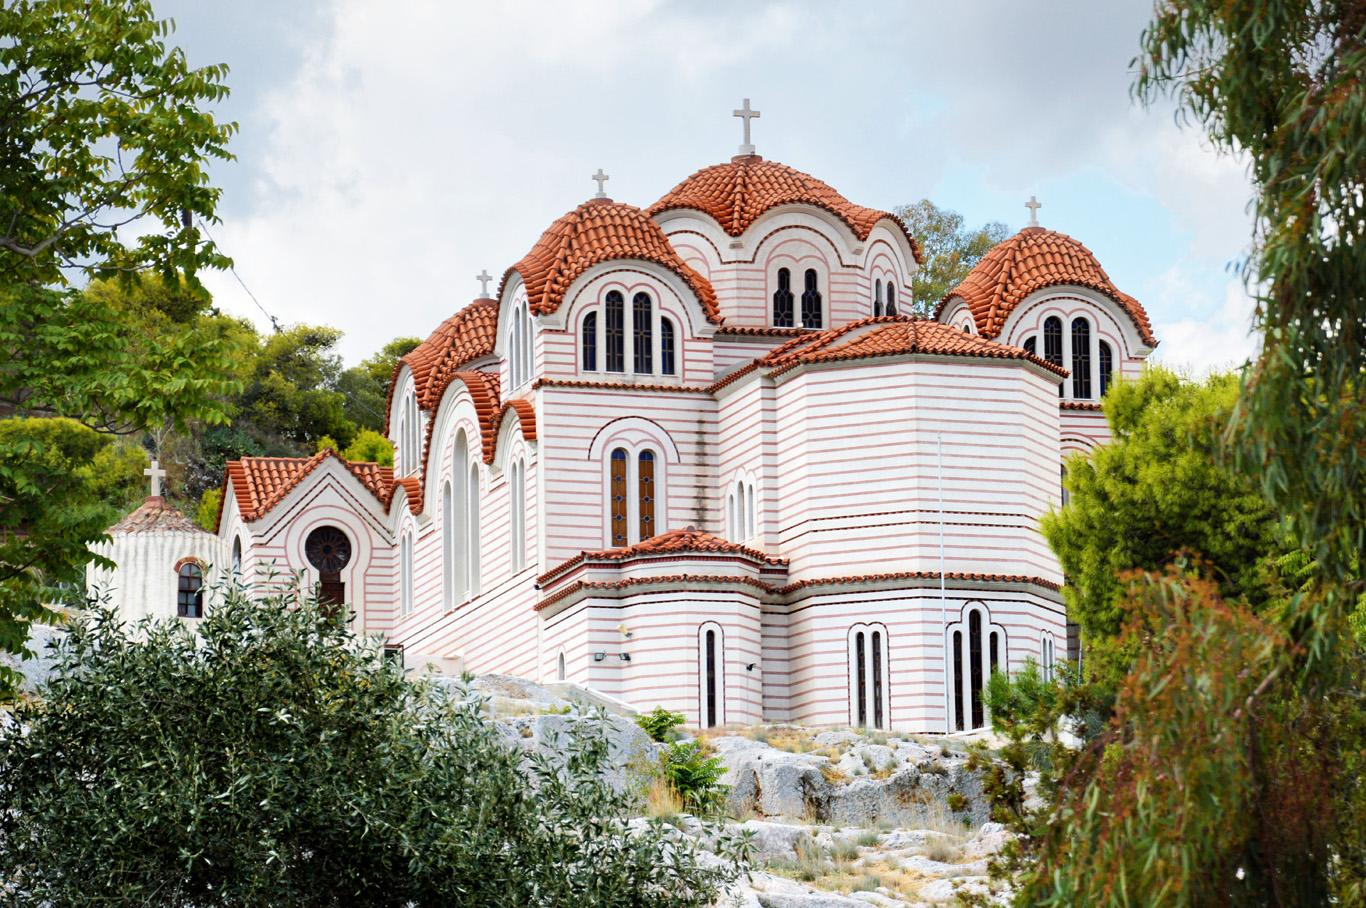 Greek Orthodox Church - on the way to Monastiraki